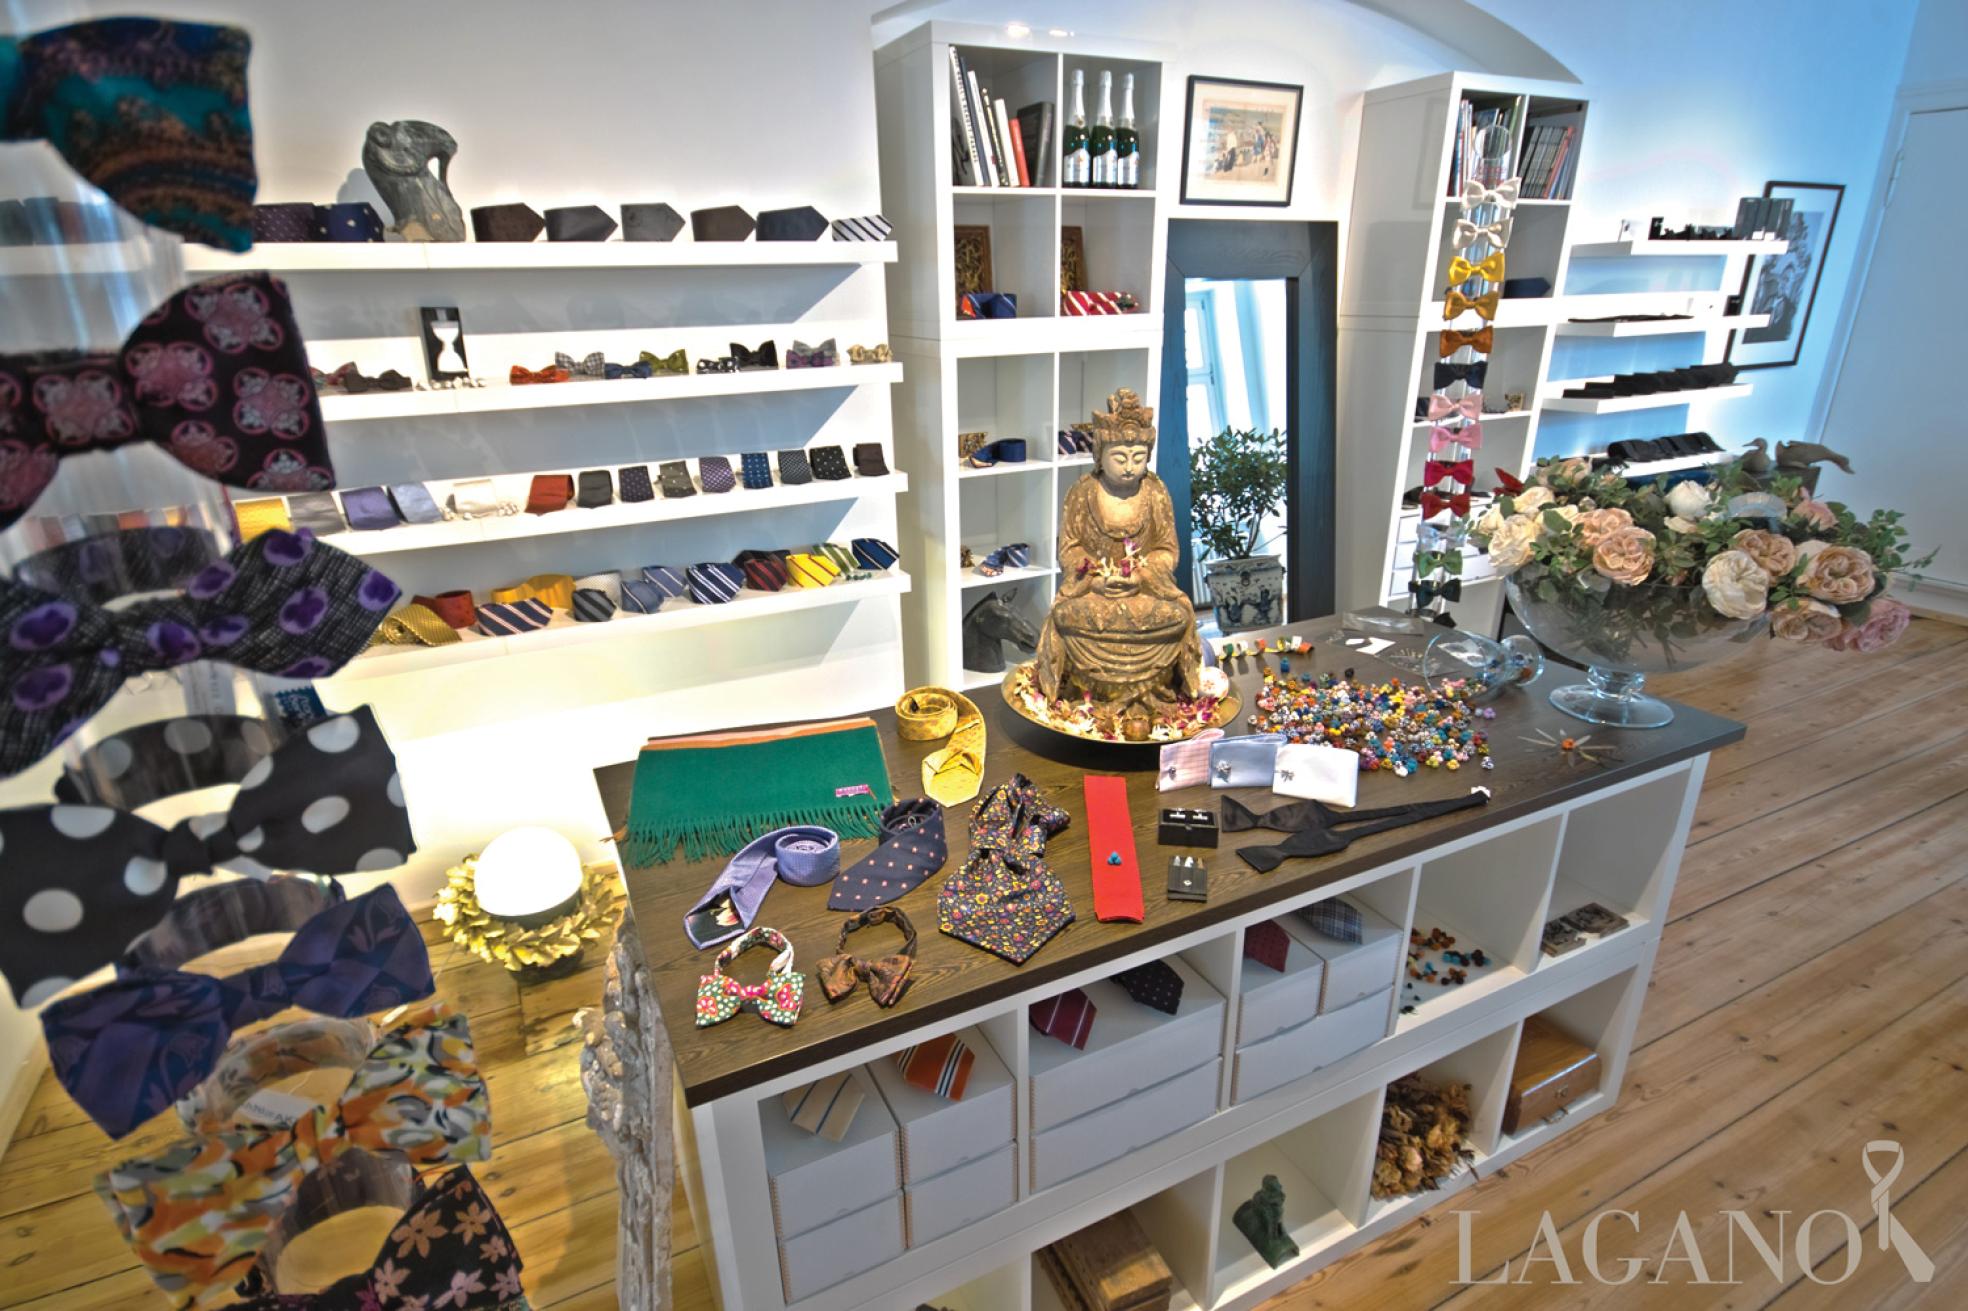 Fliegen, Krawatten, Kaschmir-Schals und Seidenknoten in einem Laden